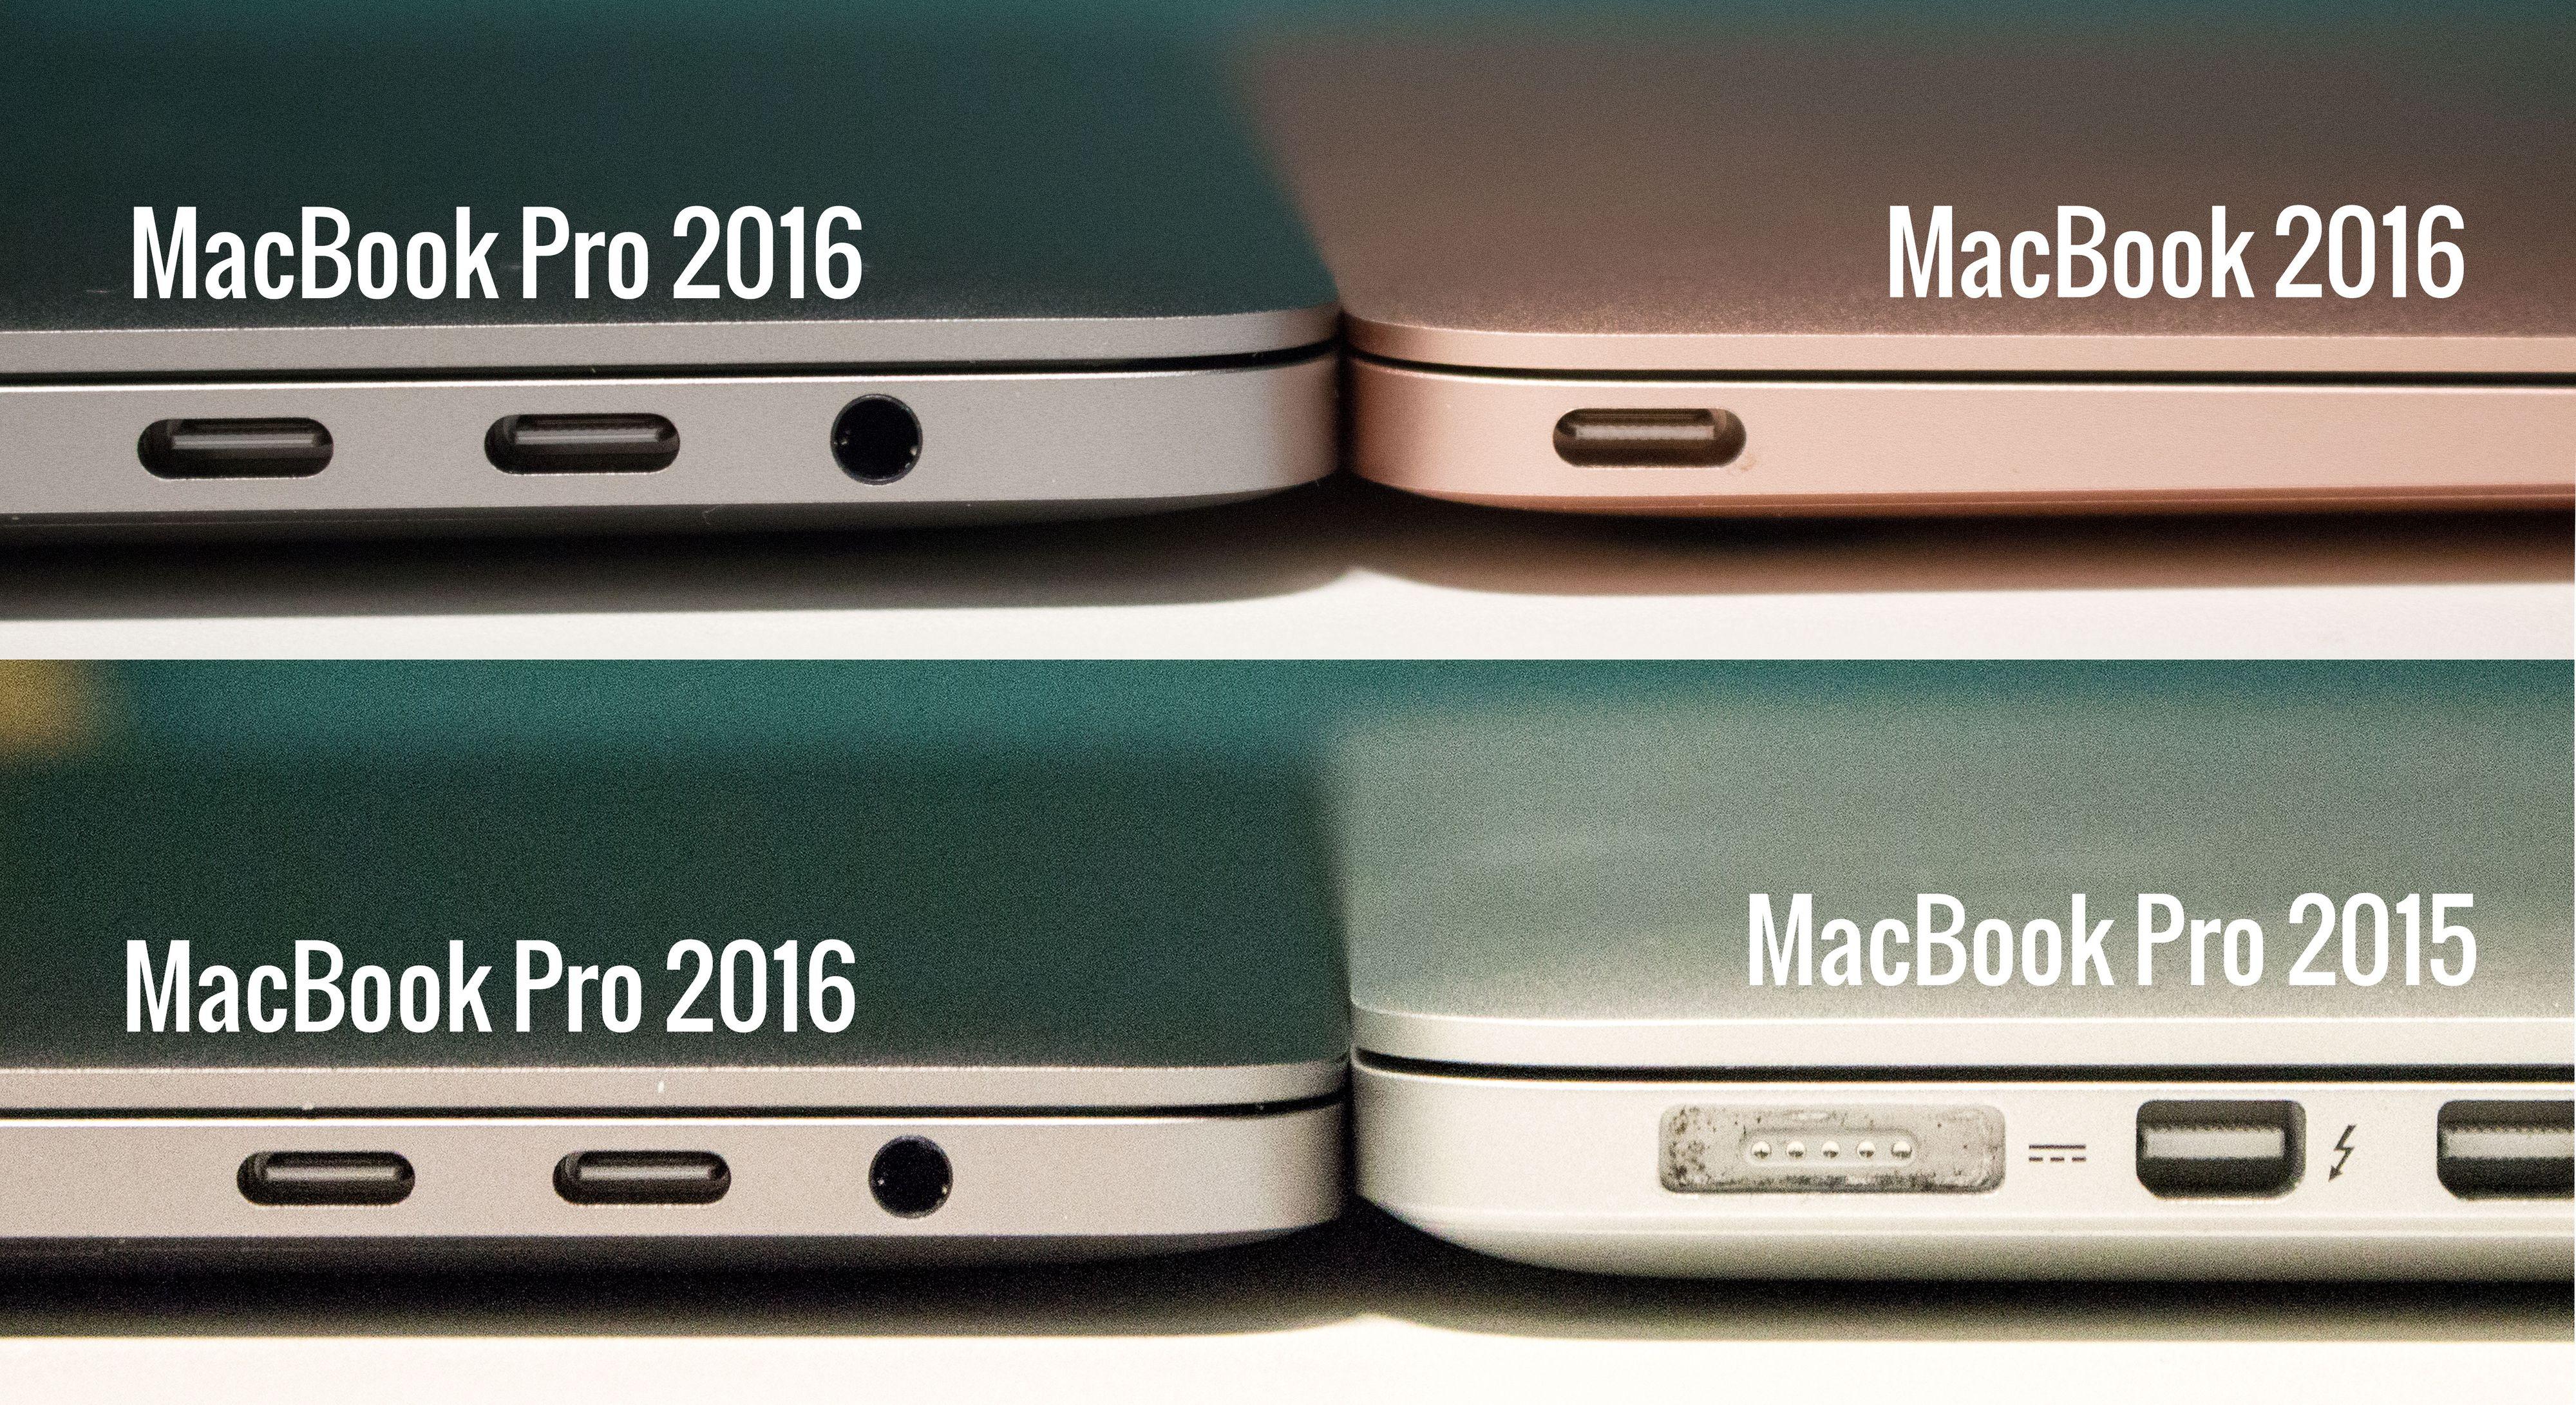 MacBook er enda litt slankere, men det hersker ingen tvil om at også nye MacBook Pro har blitt mer kompakt i forhold til MacBook Pro fra 2015.